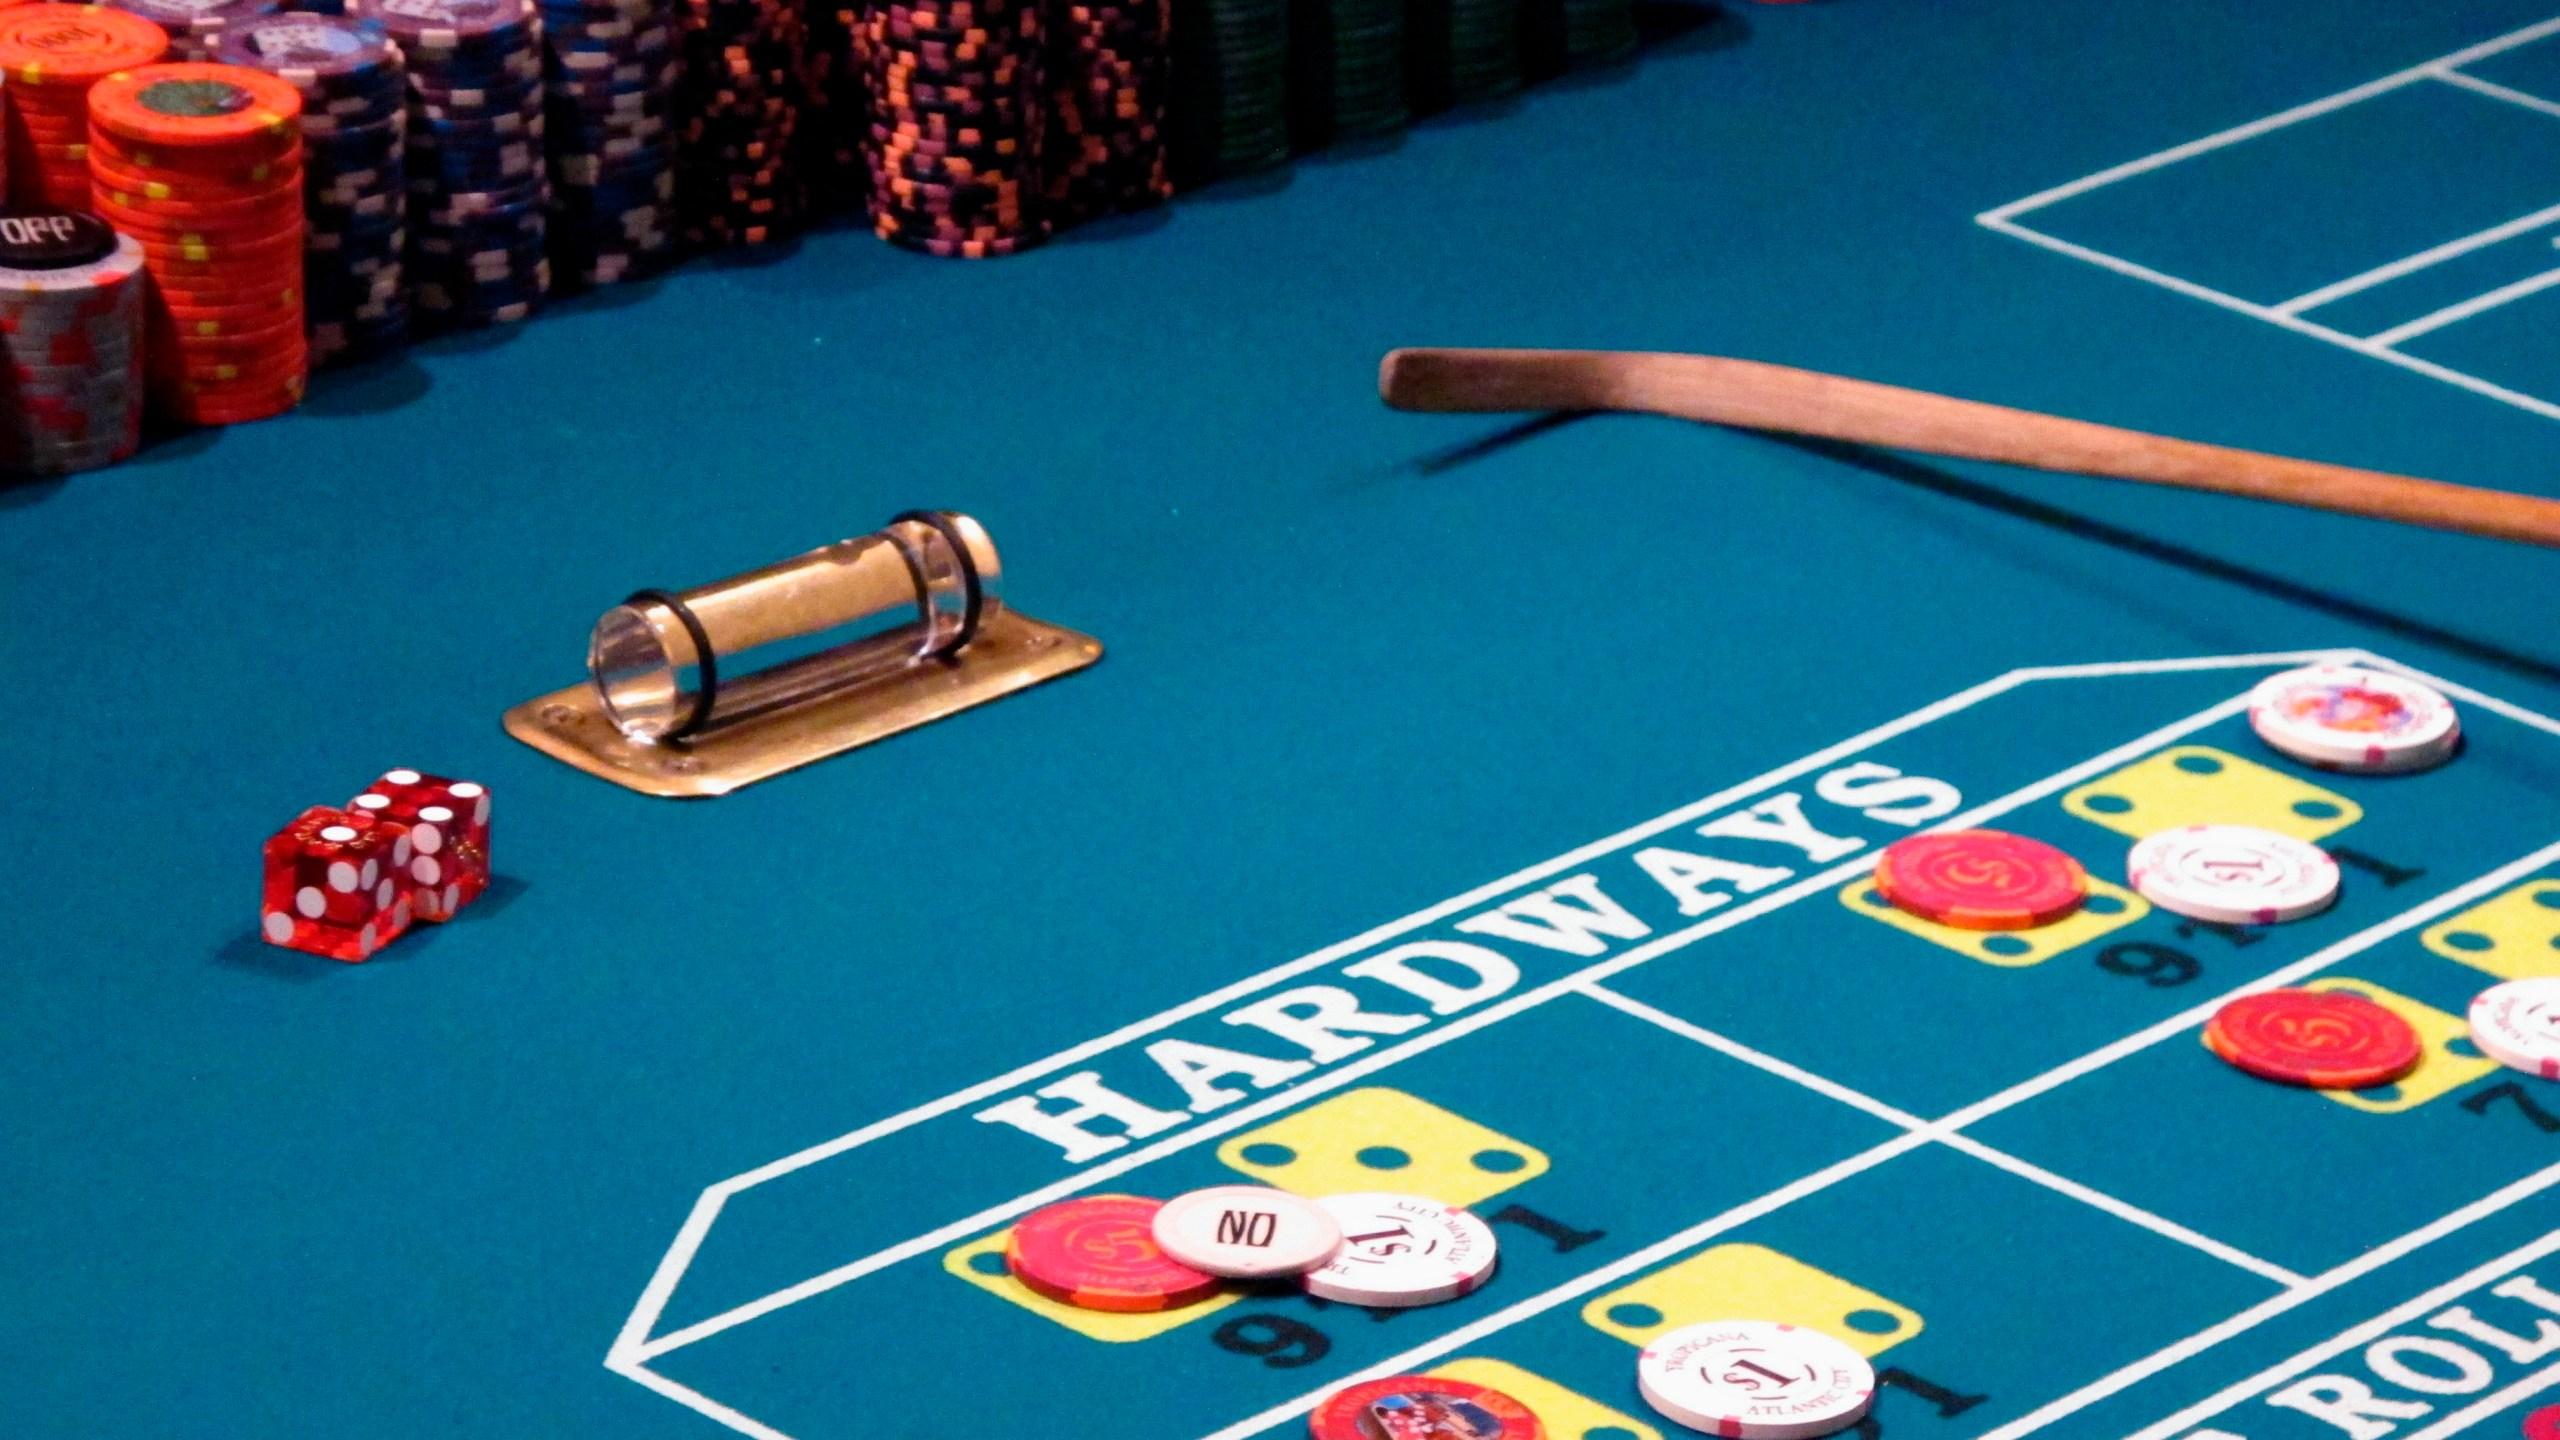 Earns_Atlantic_City_Casinos_94130-159532.jpg17755433